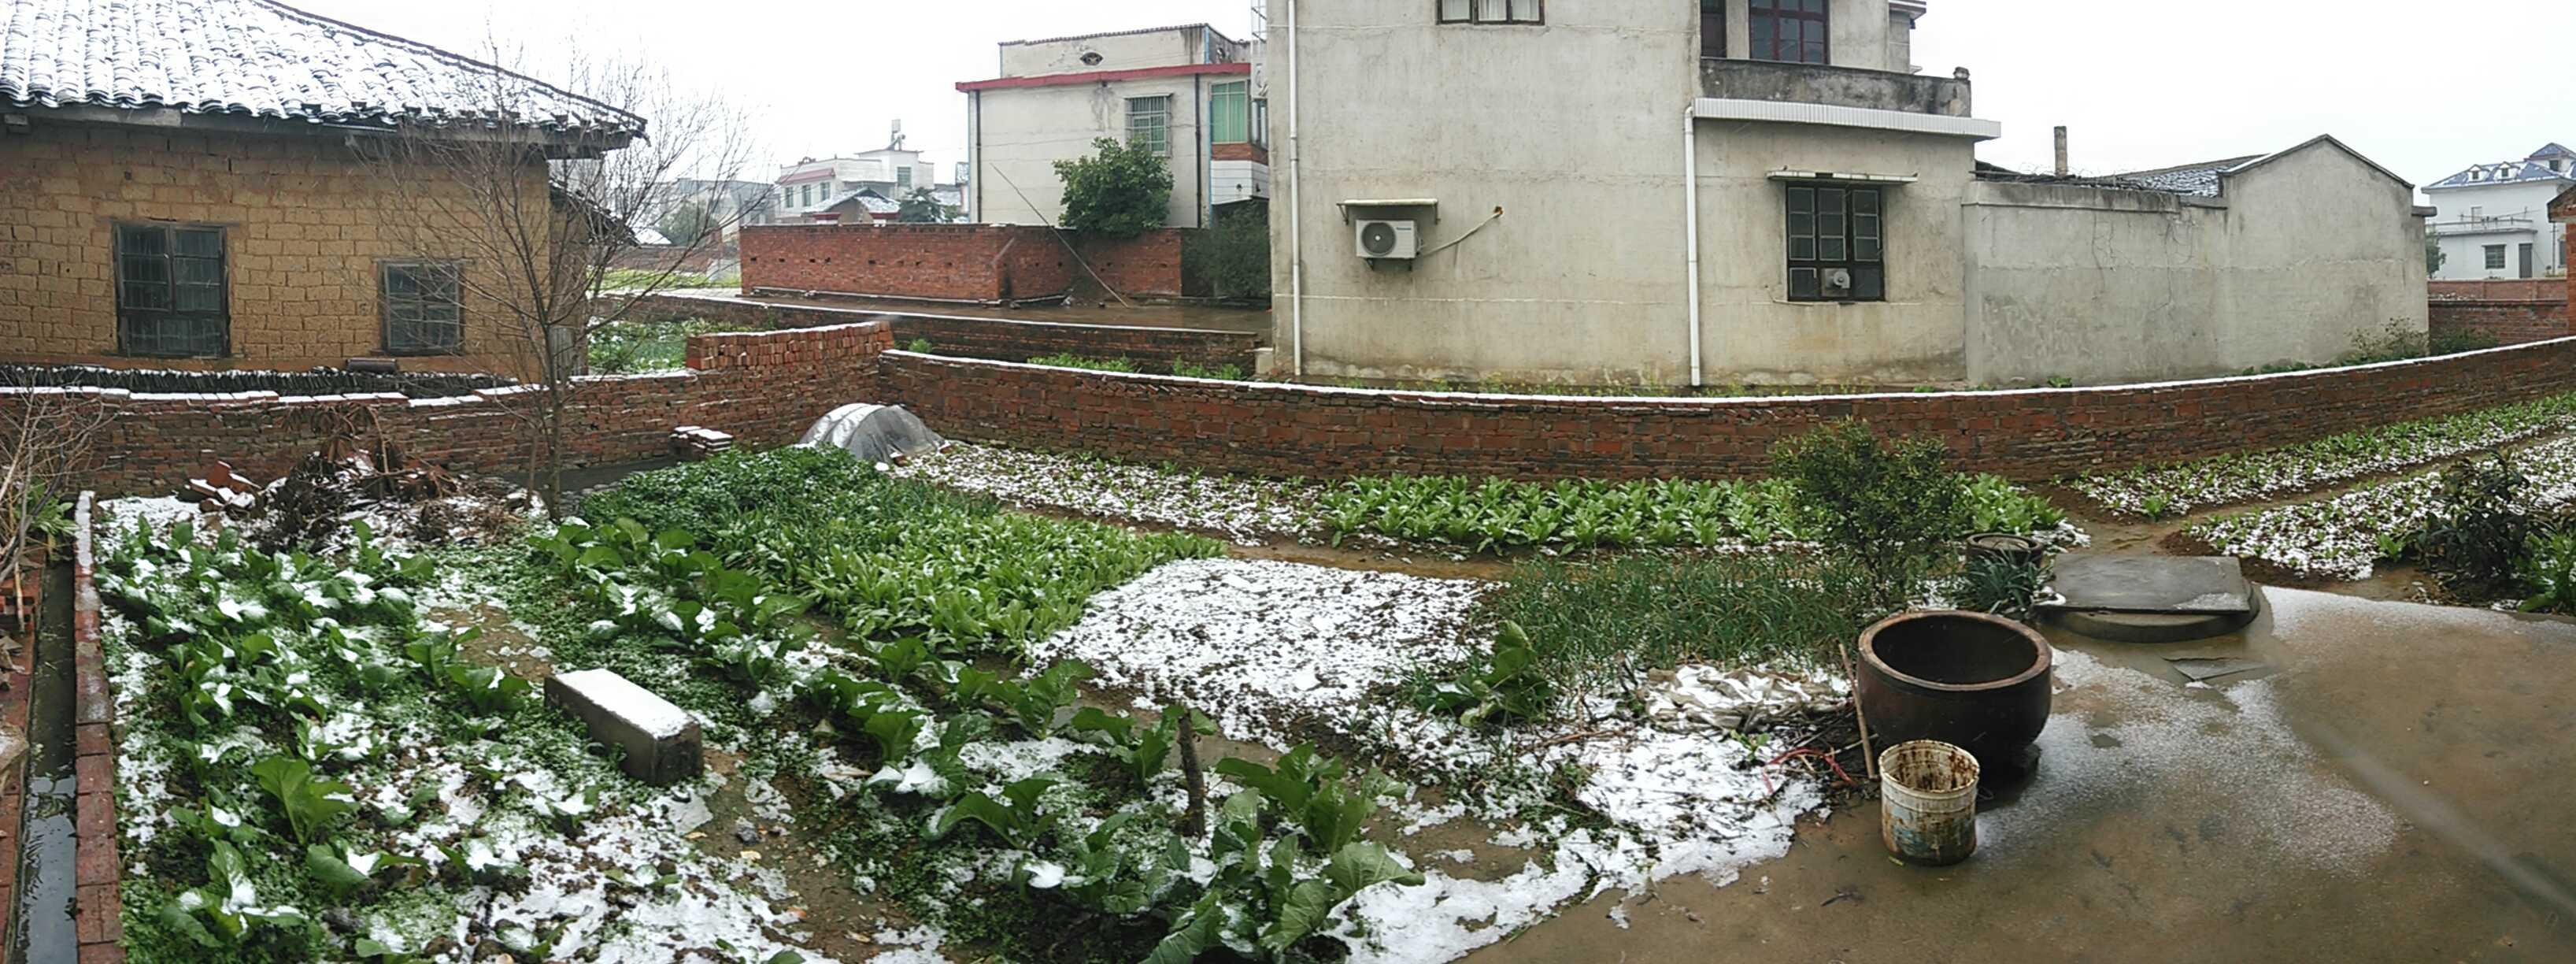 2014年冬季